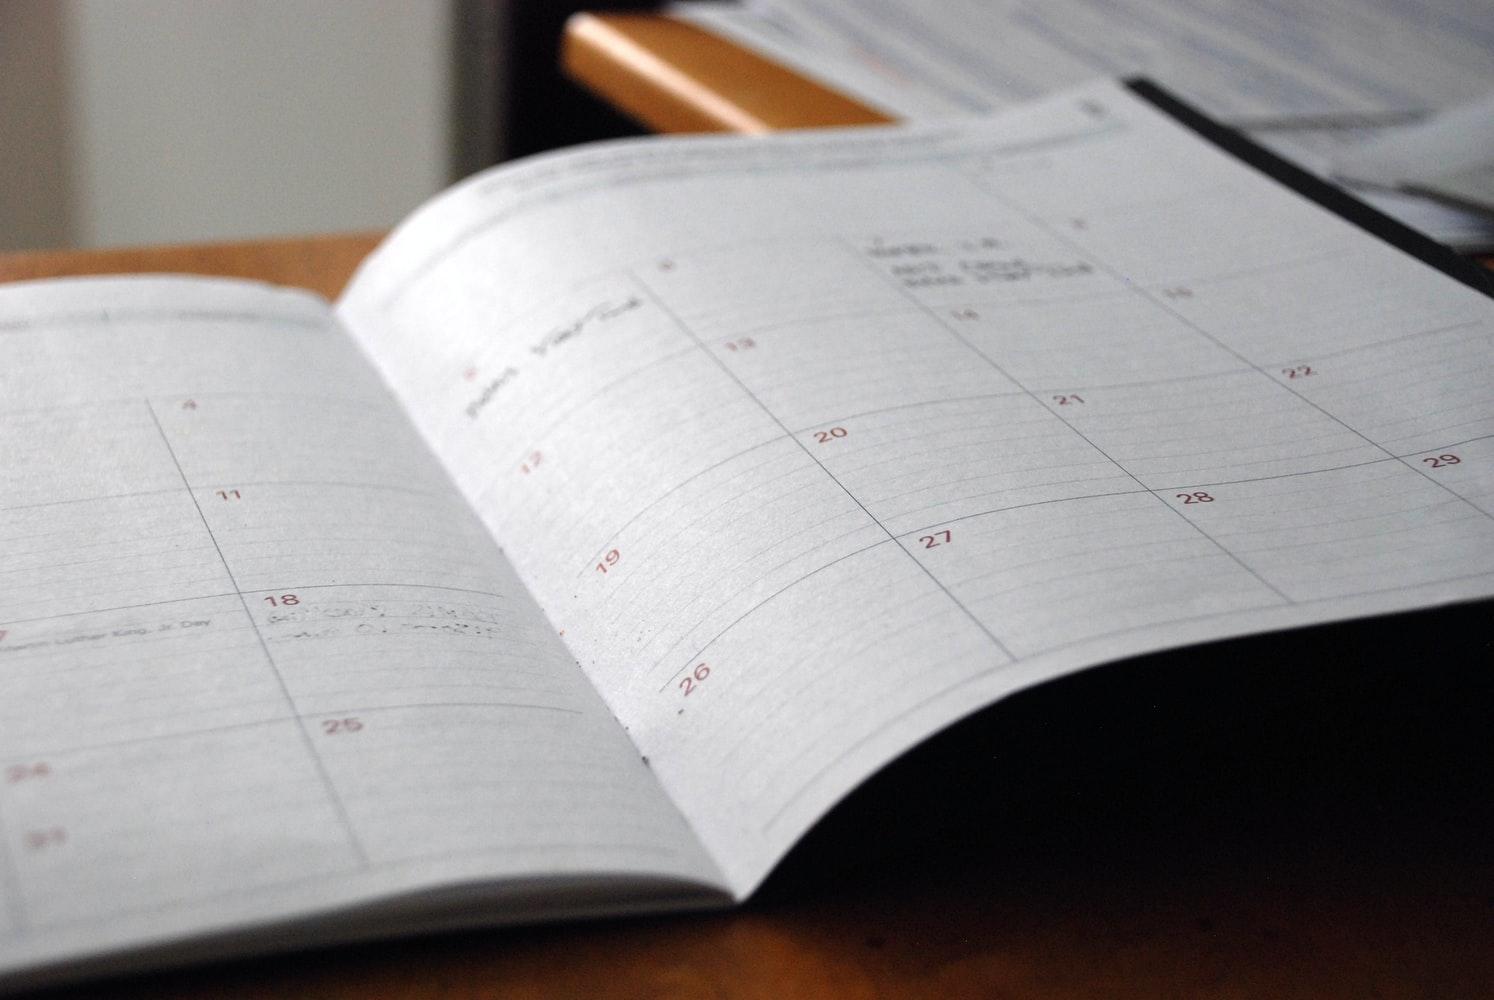 【最後に】公務員試験の勉強は非常にシンプル。間に合う勉強期間は半年